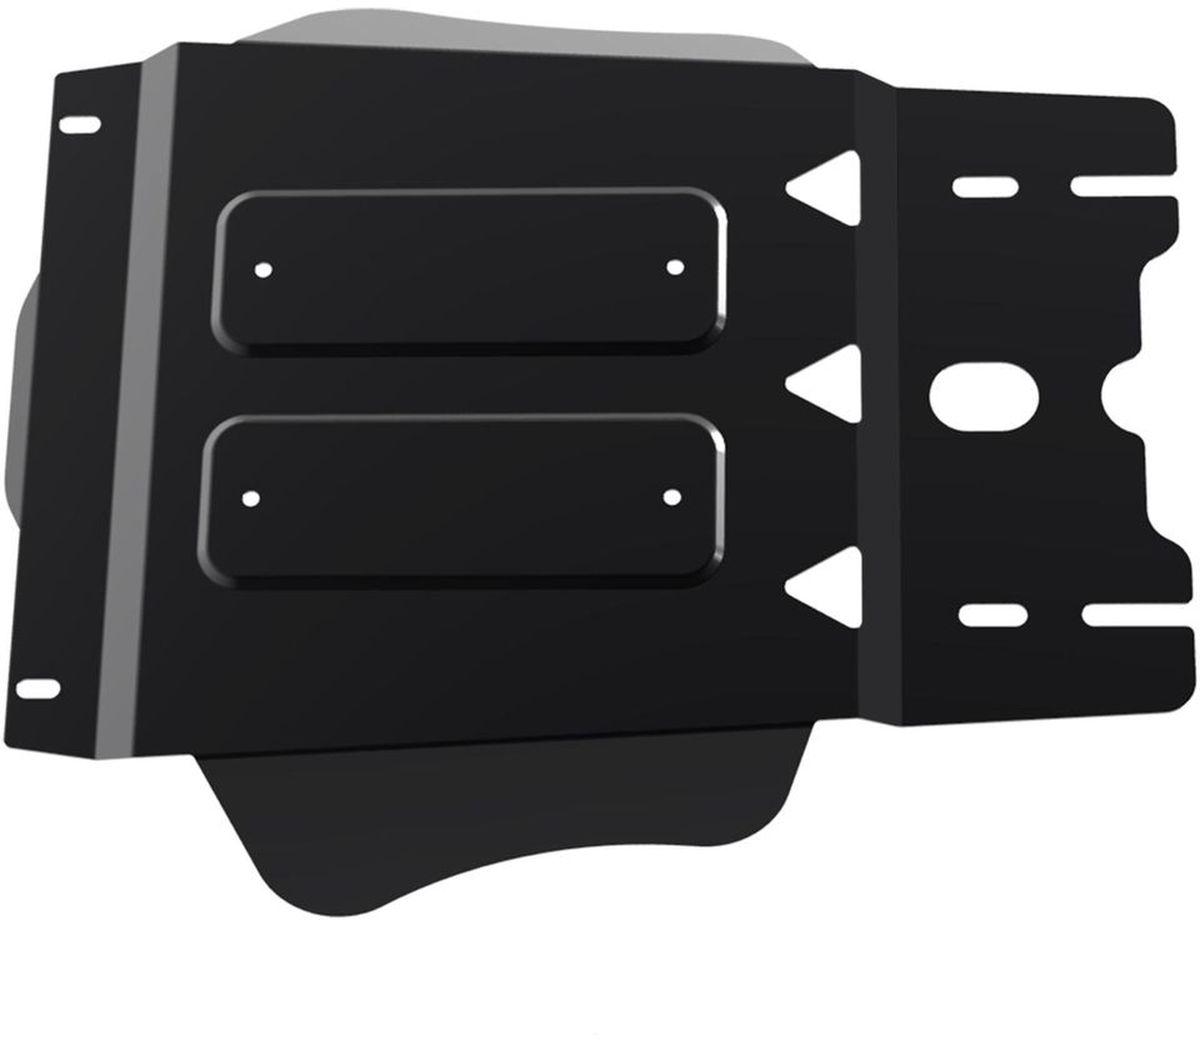 Защита КПП и РК Автоброня Lexus GX 460 2009-/Toyota LC150 2009-, сталь 2 мм111.05785.1Защита КПП и РК Автоброня для Lexus GX 460, V - 4,6 2009-/Toyota LC150, V - 2,7; 3,0TD; 4,0; 2,8TD 2009-, сталь 2 мм, комплект крепежа, 111.05785.1Дополнительно можно приобрести другие защитные элементы из комплекта: защита картера ч.1 - 111.05783.1, защита картера ч.2 - 111.05784.1Стальные защиты Автоброня надежно защищают ваш автомобиль от повреждений при наезде на бордюры, выступающие канализационные люки, кромки поврежденного асфальта или при ремонте дорог, не говоря уже о загородных дорогах.- Имеют оптимальное соотношение цена-качество.- Спроектированы с учетом особенностей автомобиля, что делает установку удобной.- Защита устанавливается в штатные места кузова автомобиля.- Является надежной защитой для важных элементов на протяжении долгих лет.- Глубокий штамп дополнительно усиливает конструкцию защиты.- Подштамповка в местах крепления защищает крепеж от срезания.- Технологические отверстия там, где они необходимы для смены масла и слива воды, оборудованные заглушками, закрепленными на защите.Толщина стали 2 мм.В комплекте крепеж и инструкция по установке.Уважаемые клиенты!Обращаем ваше внимание на тот факт, что защита имеет форму, соответствующую модели данного автомобиля. Наличие глубокого штампа и лючков для смены фильтров/масла предусмотрено не на всех защитах. Фото служит для визуального восприятия товара.